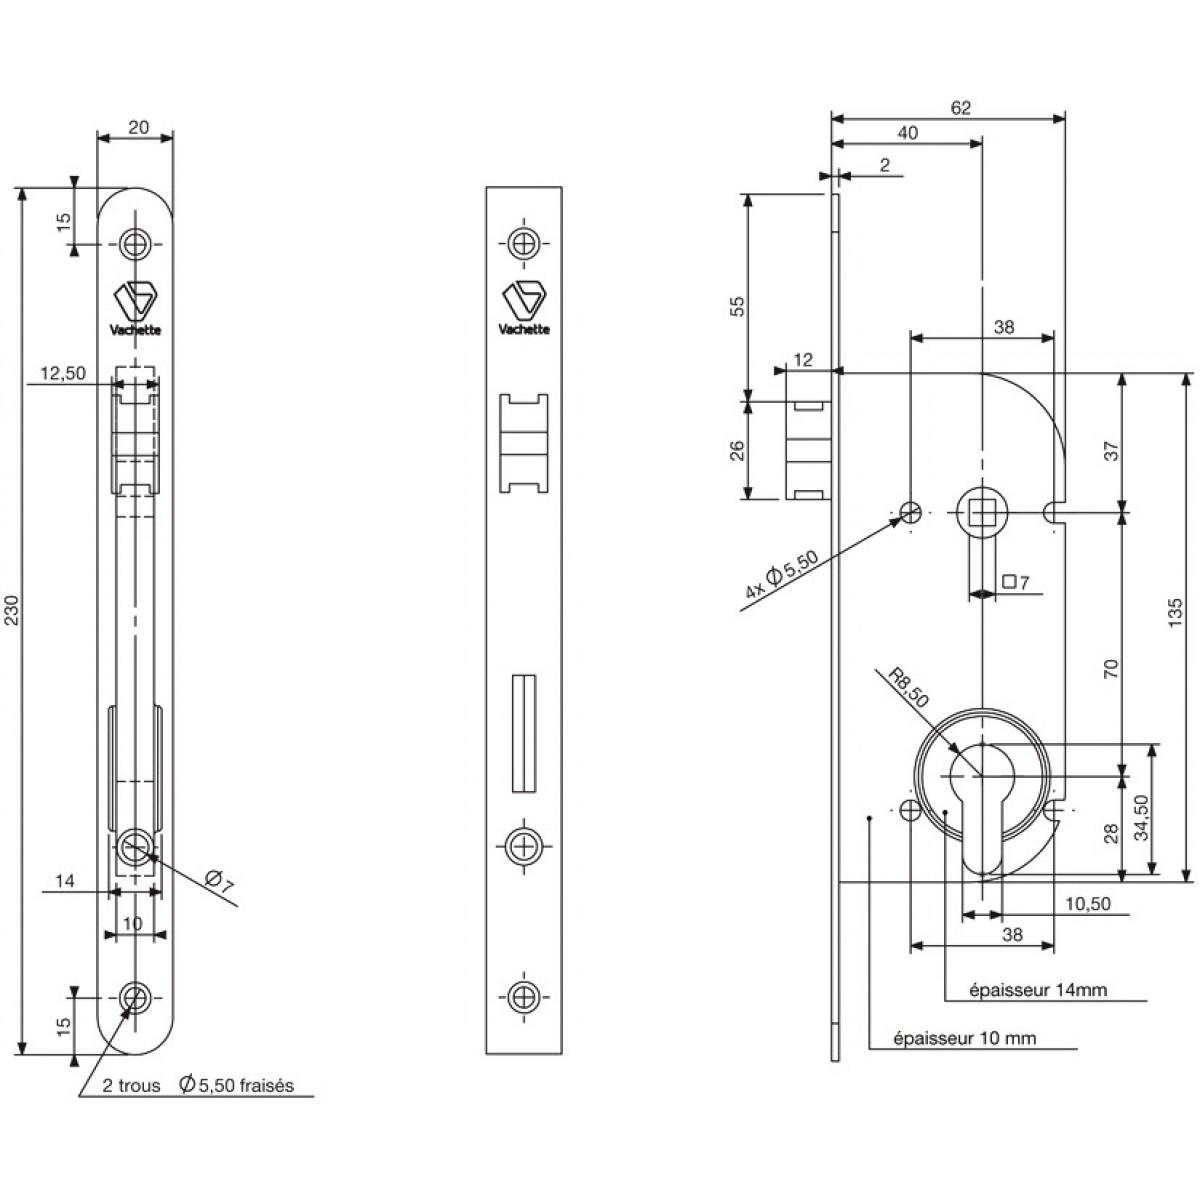 Serrure réversible pêne 1/2 tour sans cylindre série D20 Vachette - Bouts carrés